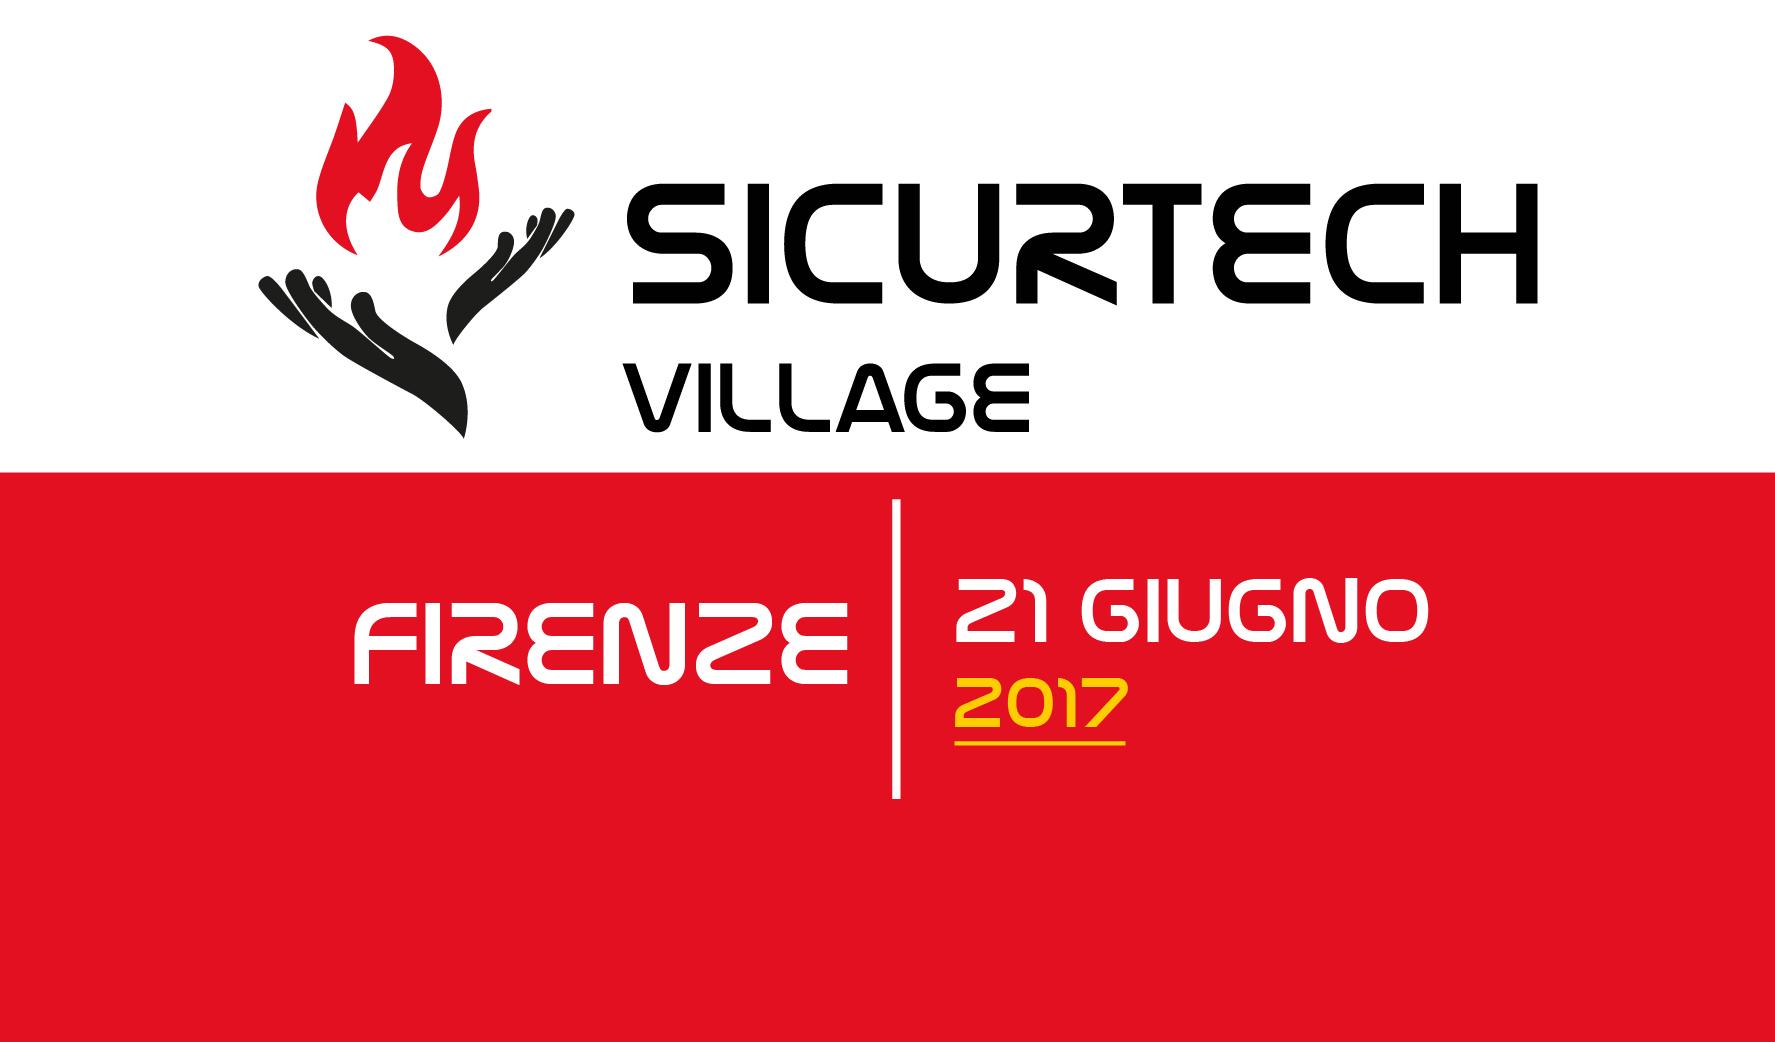 Sicurtech Village 2017